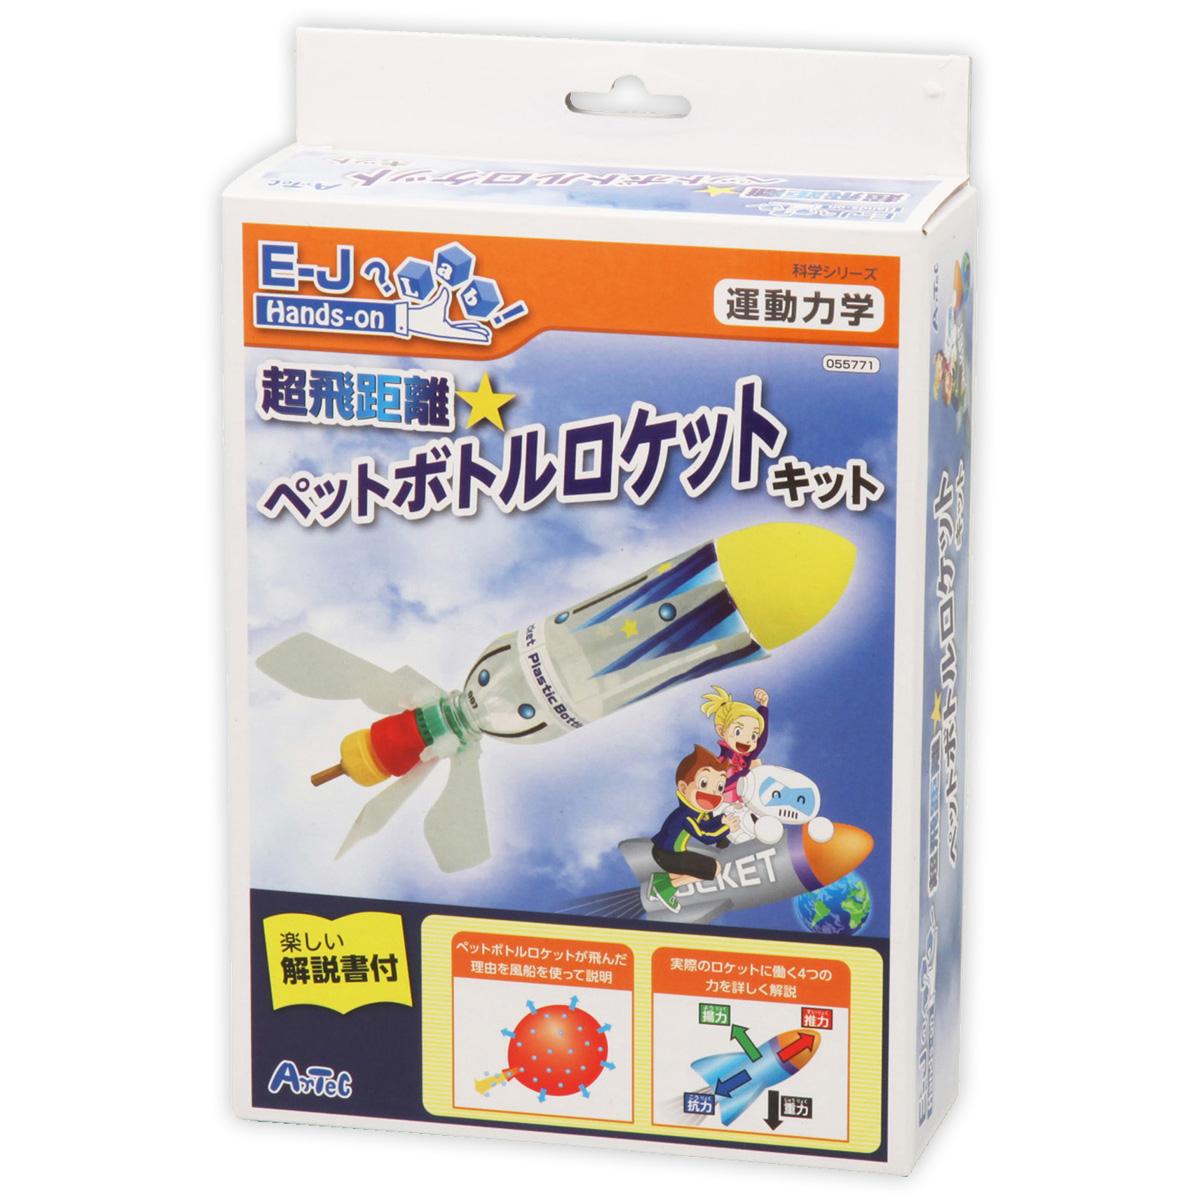 超飛距離ペットボトルロケットキット アーテック ペットボトル 工作 ロケットキット 実験セット 化学 理科 科学 小学生 学習 夏休み 宿題 自由研究